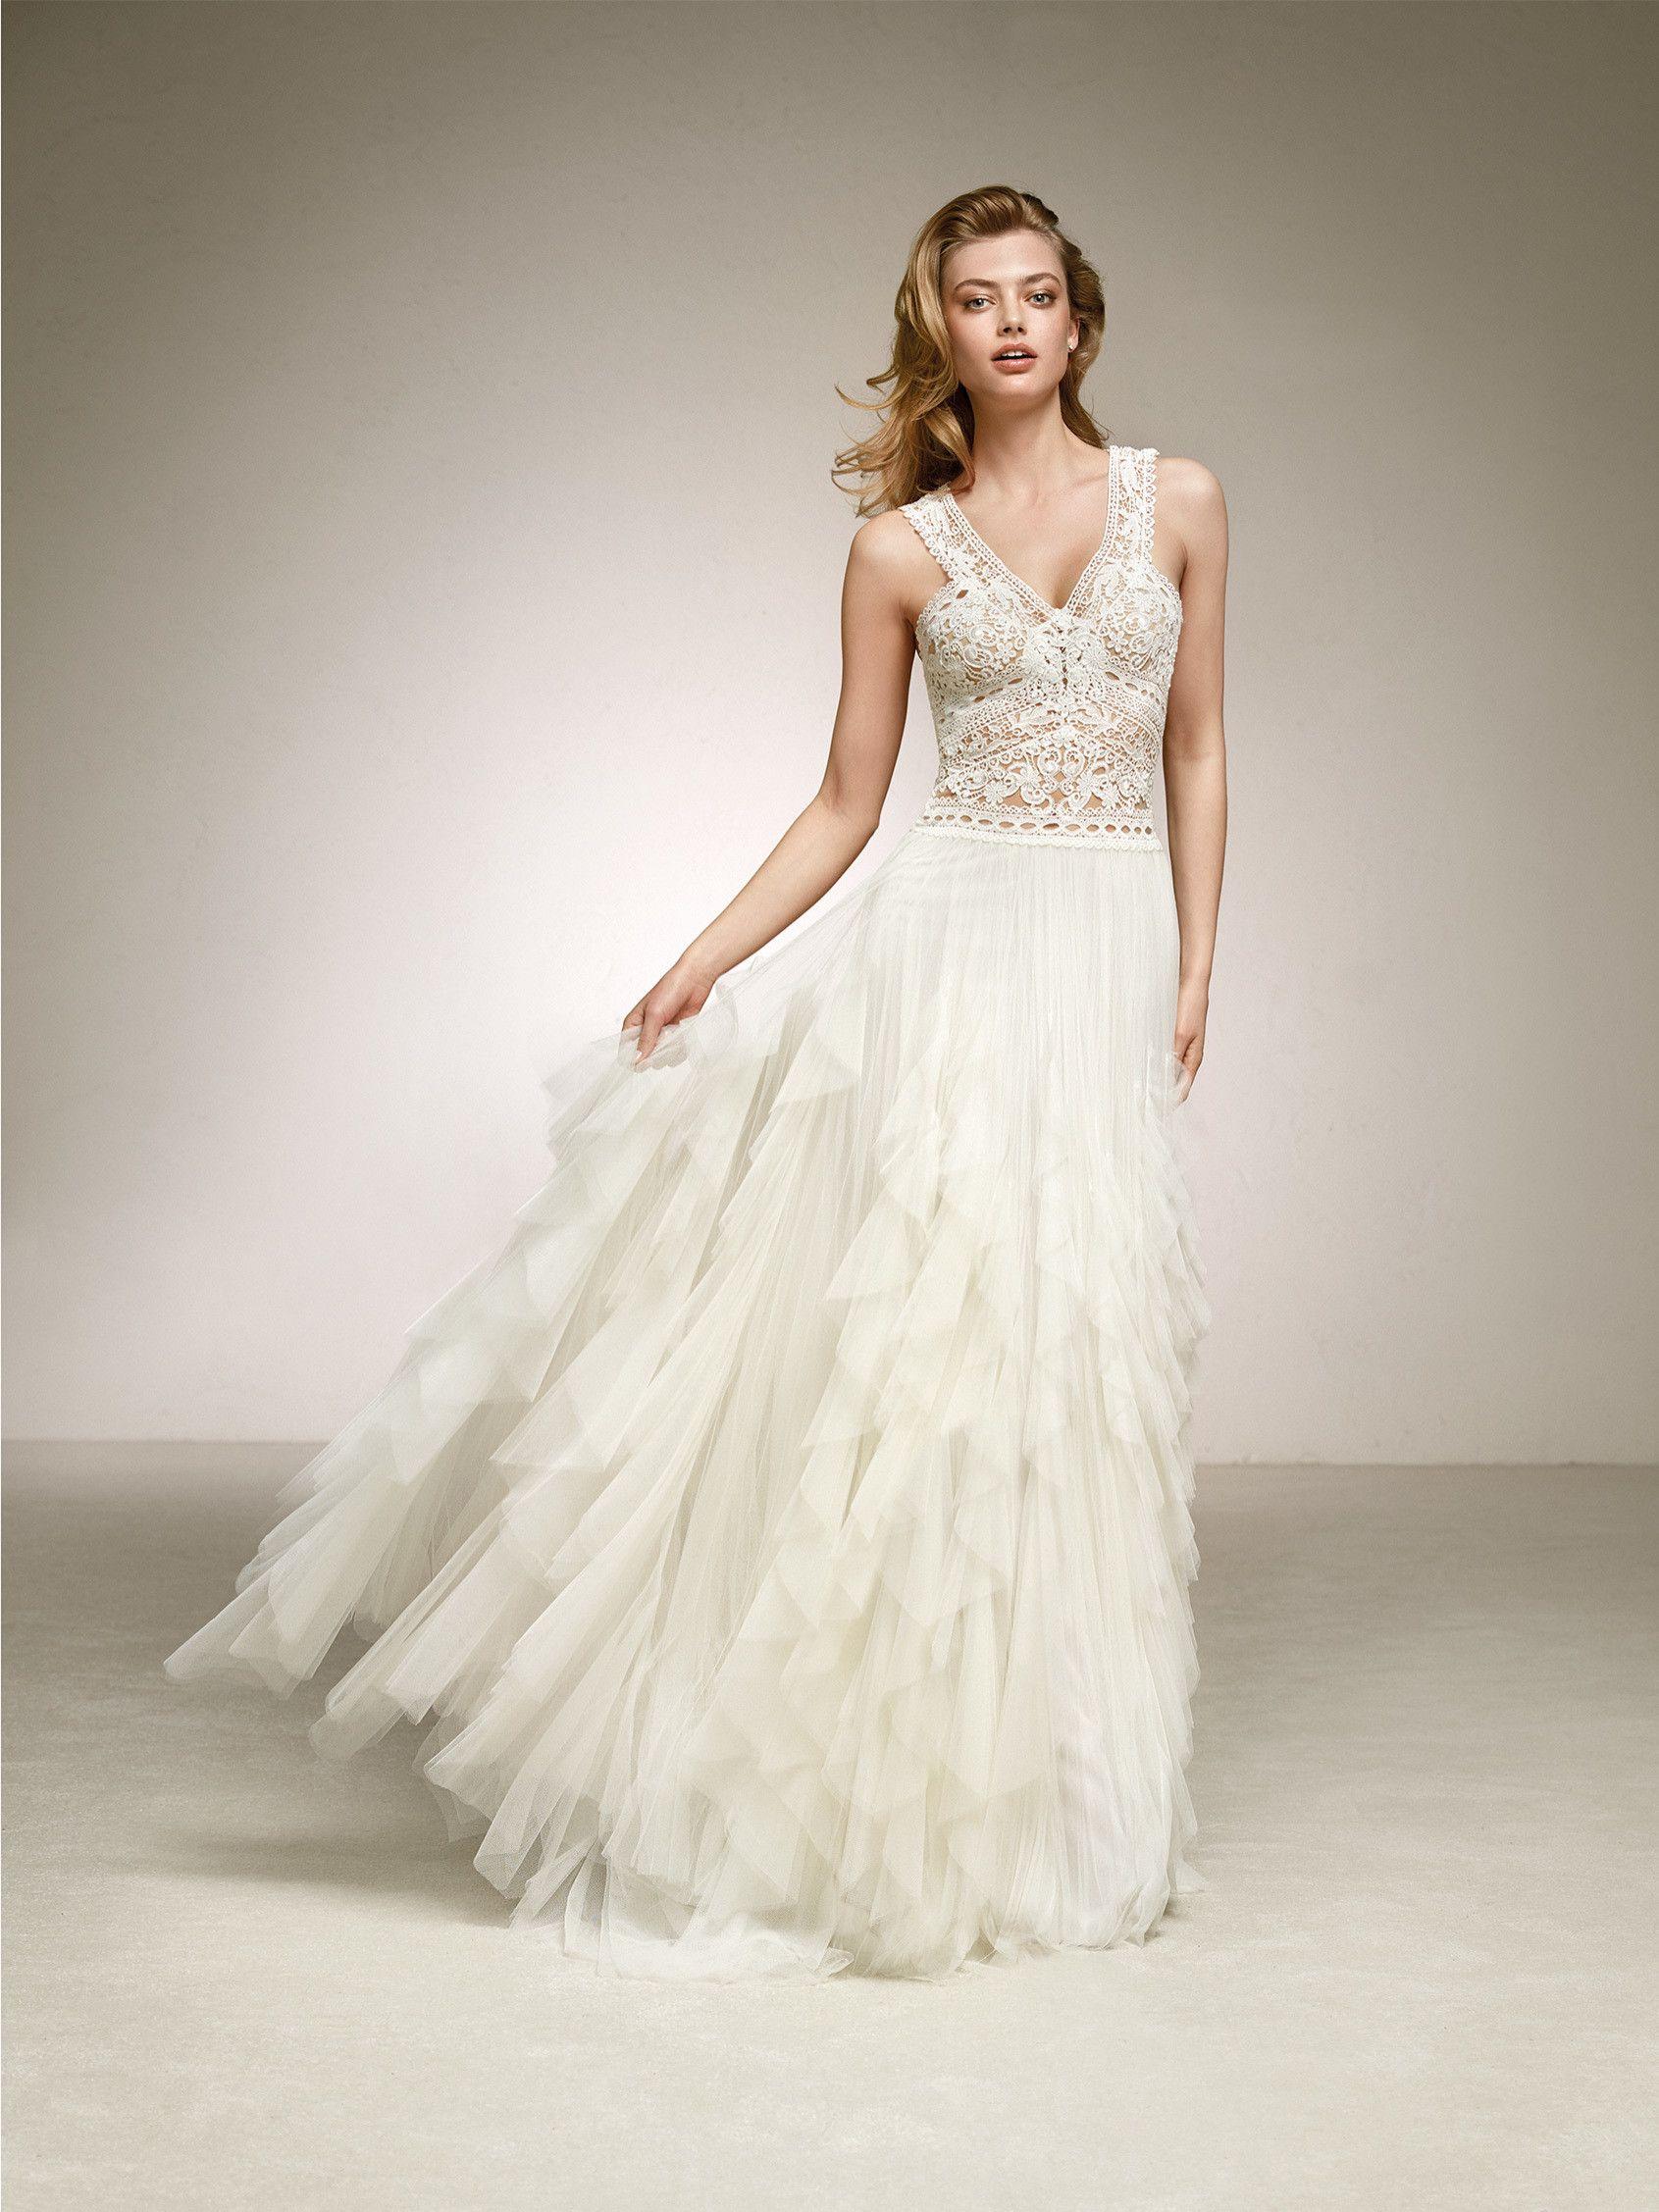 Sonar con vestido de novia con flores